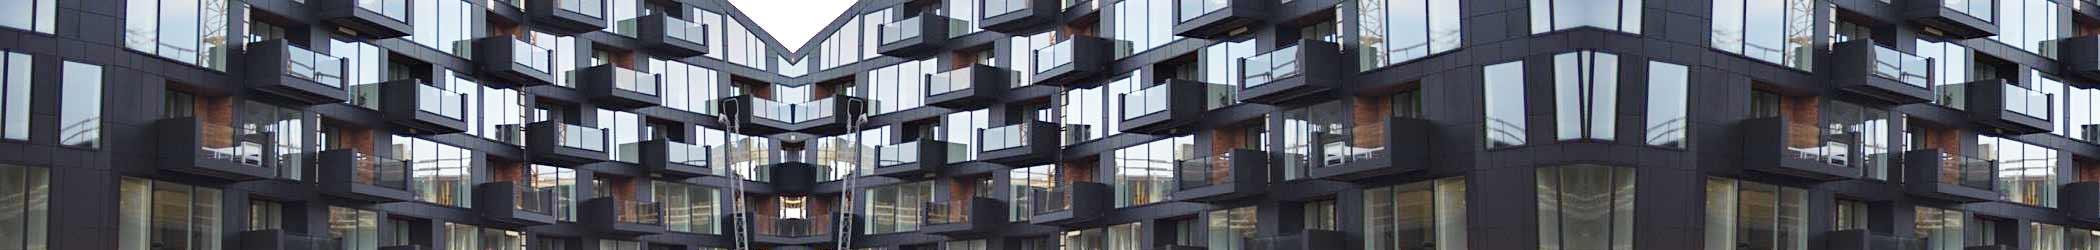 Krøyer plads- facade - B3- Bejdsning